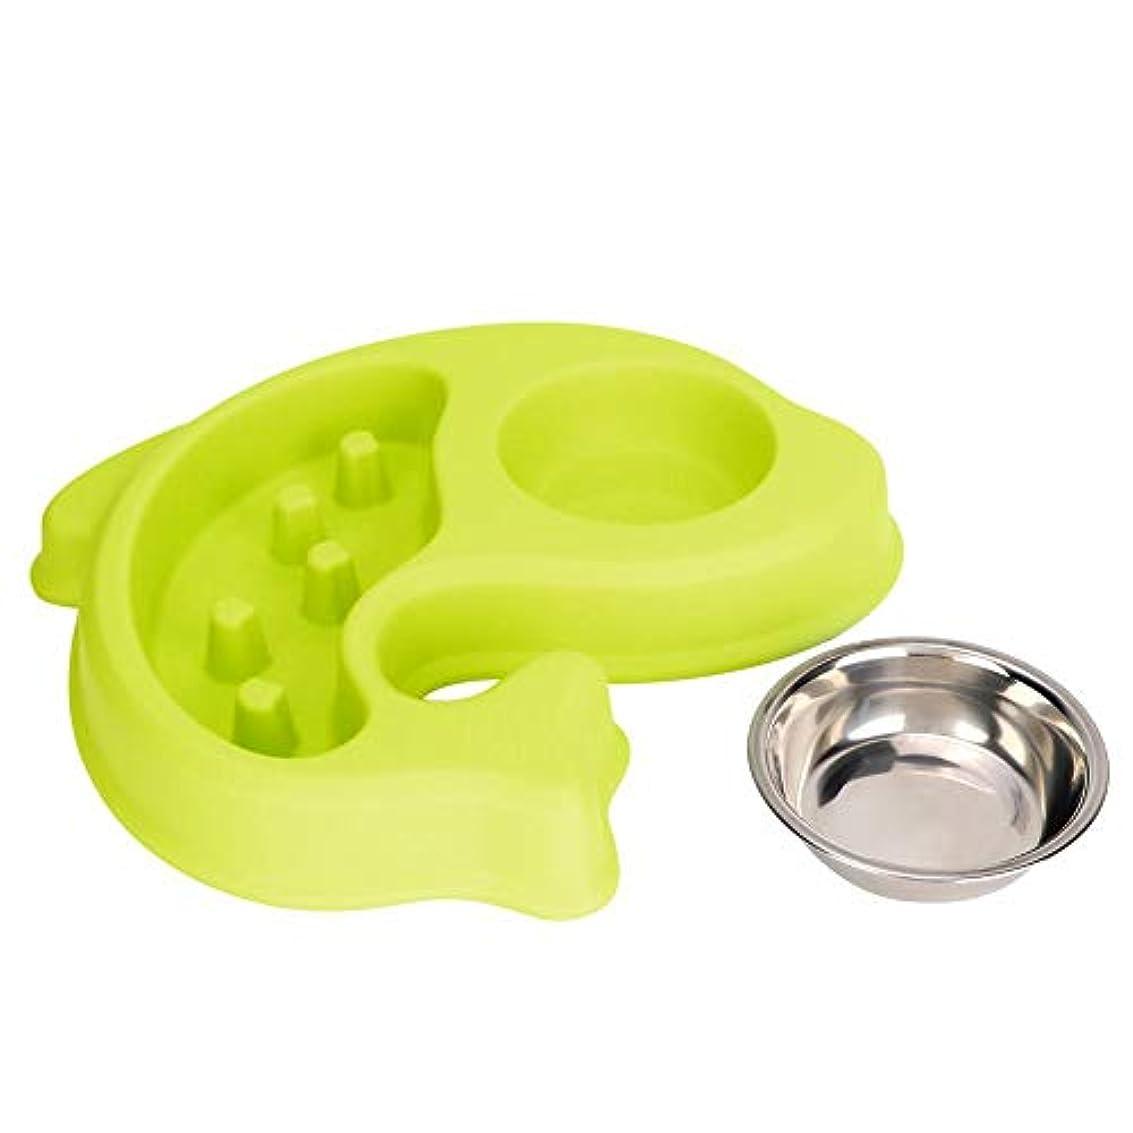 Pssopp ペットボウル 犬 猫用食器 犬ボウル ウォーター フード ボウル 犬猫用 餌いれ 猫食器 ペット食事ボウル えさ入れ ごはん皿 お水入れ 猫 犬 滑り止め ご飯 水 お餌 入れ 食器 (グリーン)